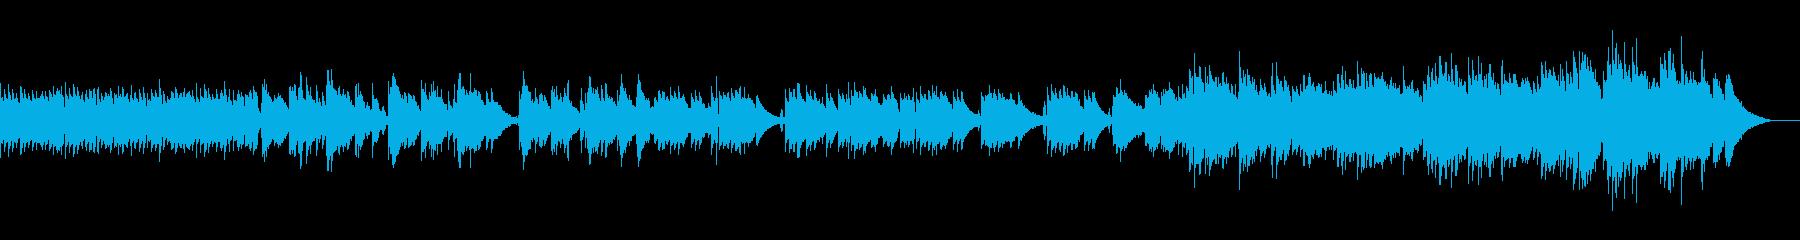 過去を懐かしむ時に合う音楽の再生済みの波形